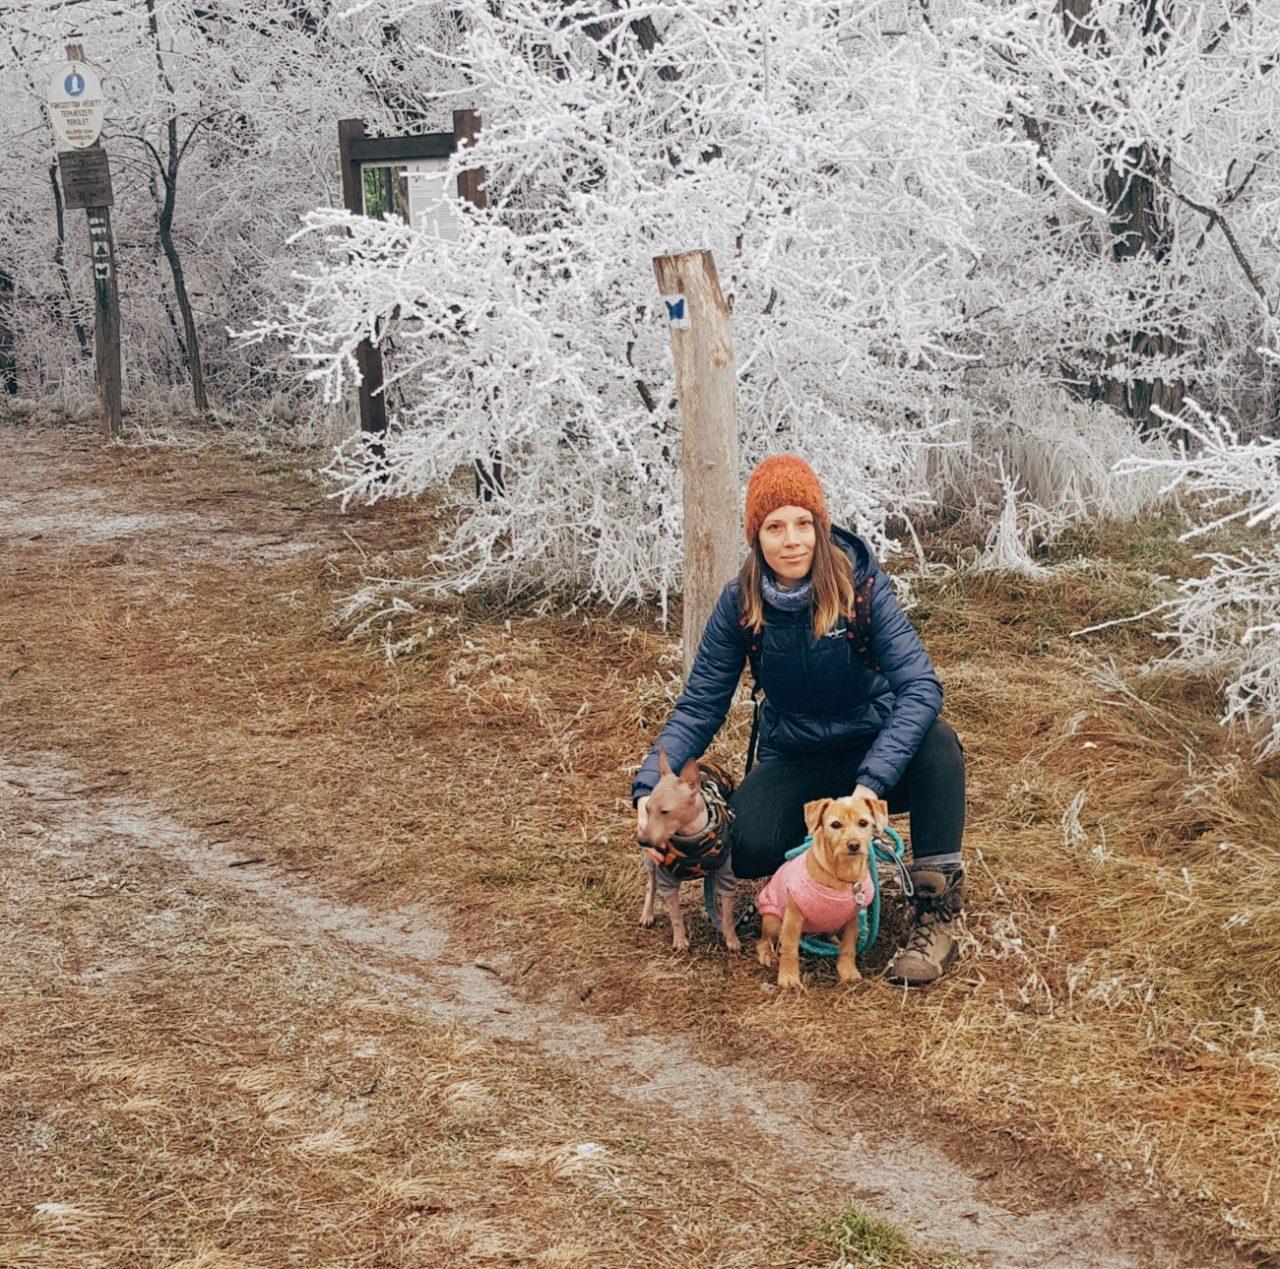 Kutyás kirándulás: Felfedeztük a Duna-Ipoly Nemzeti Park erdei tanösvényét